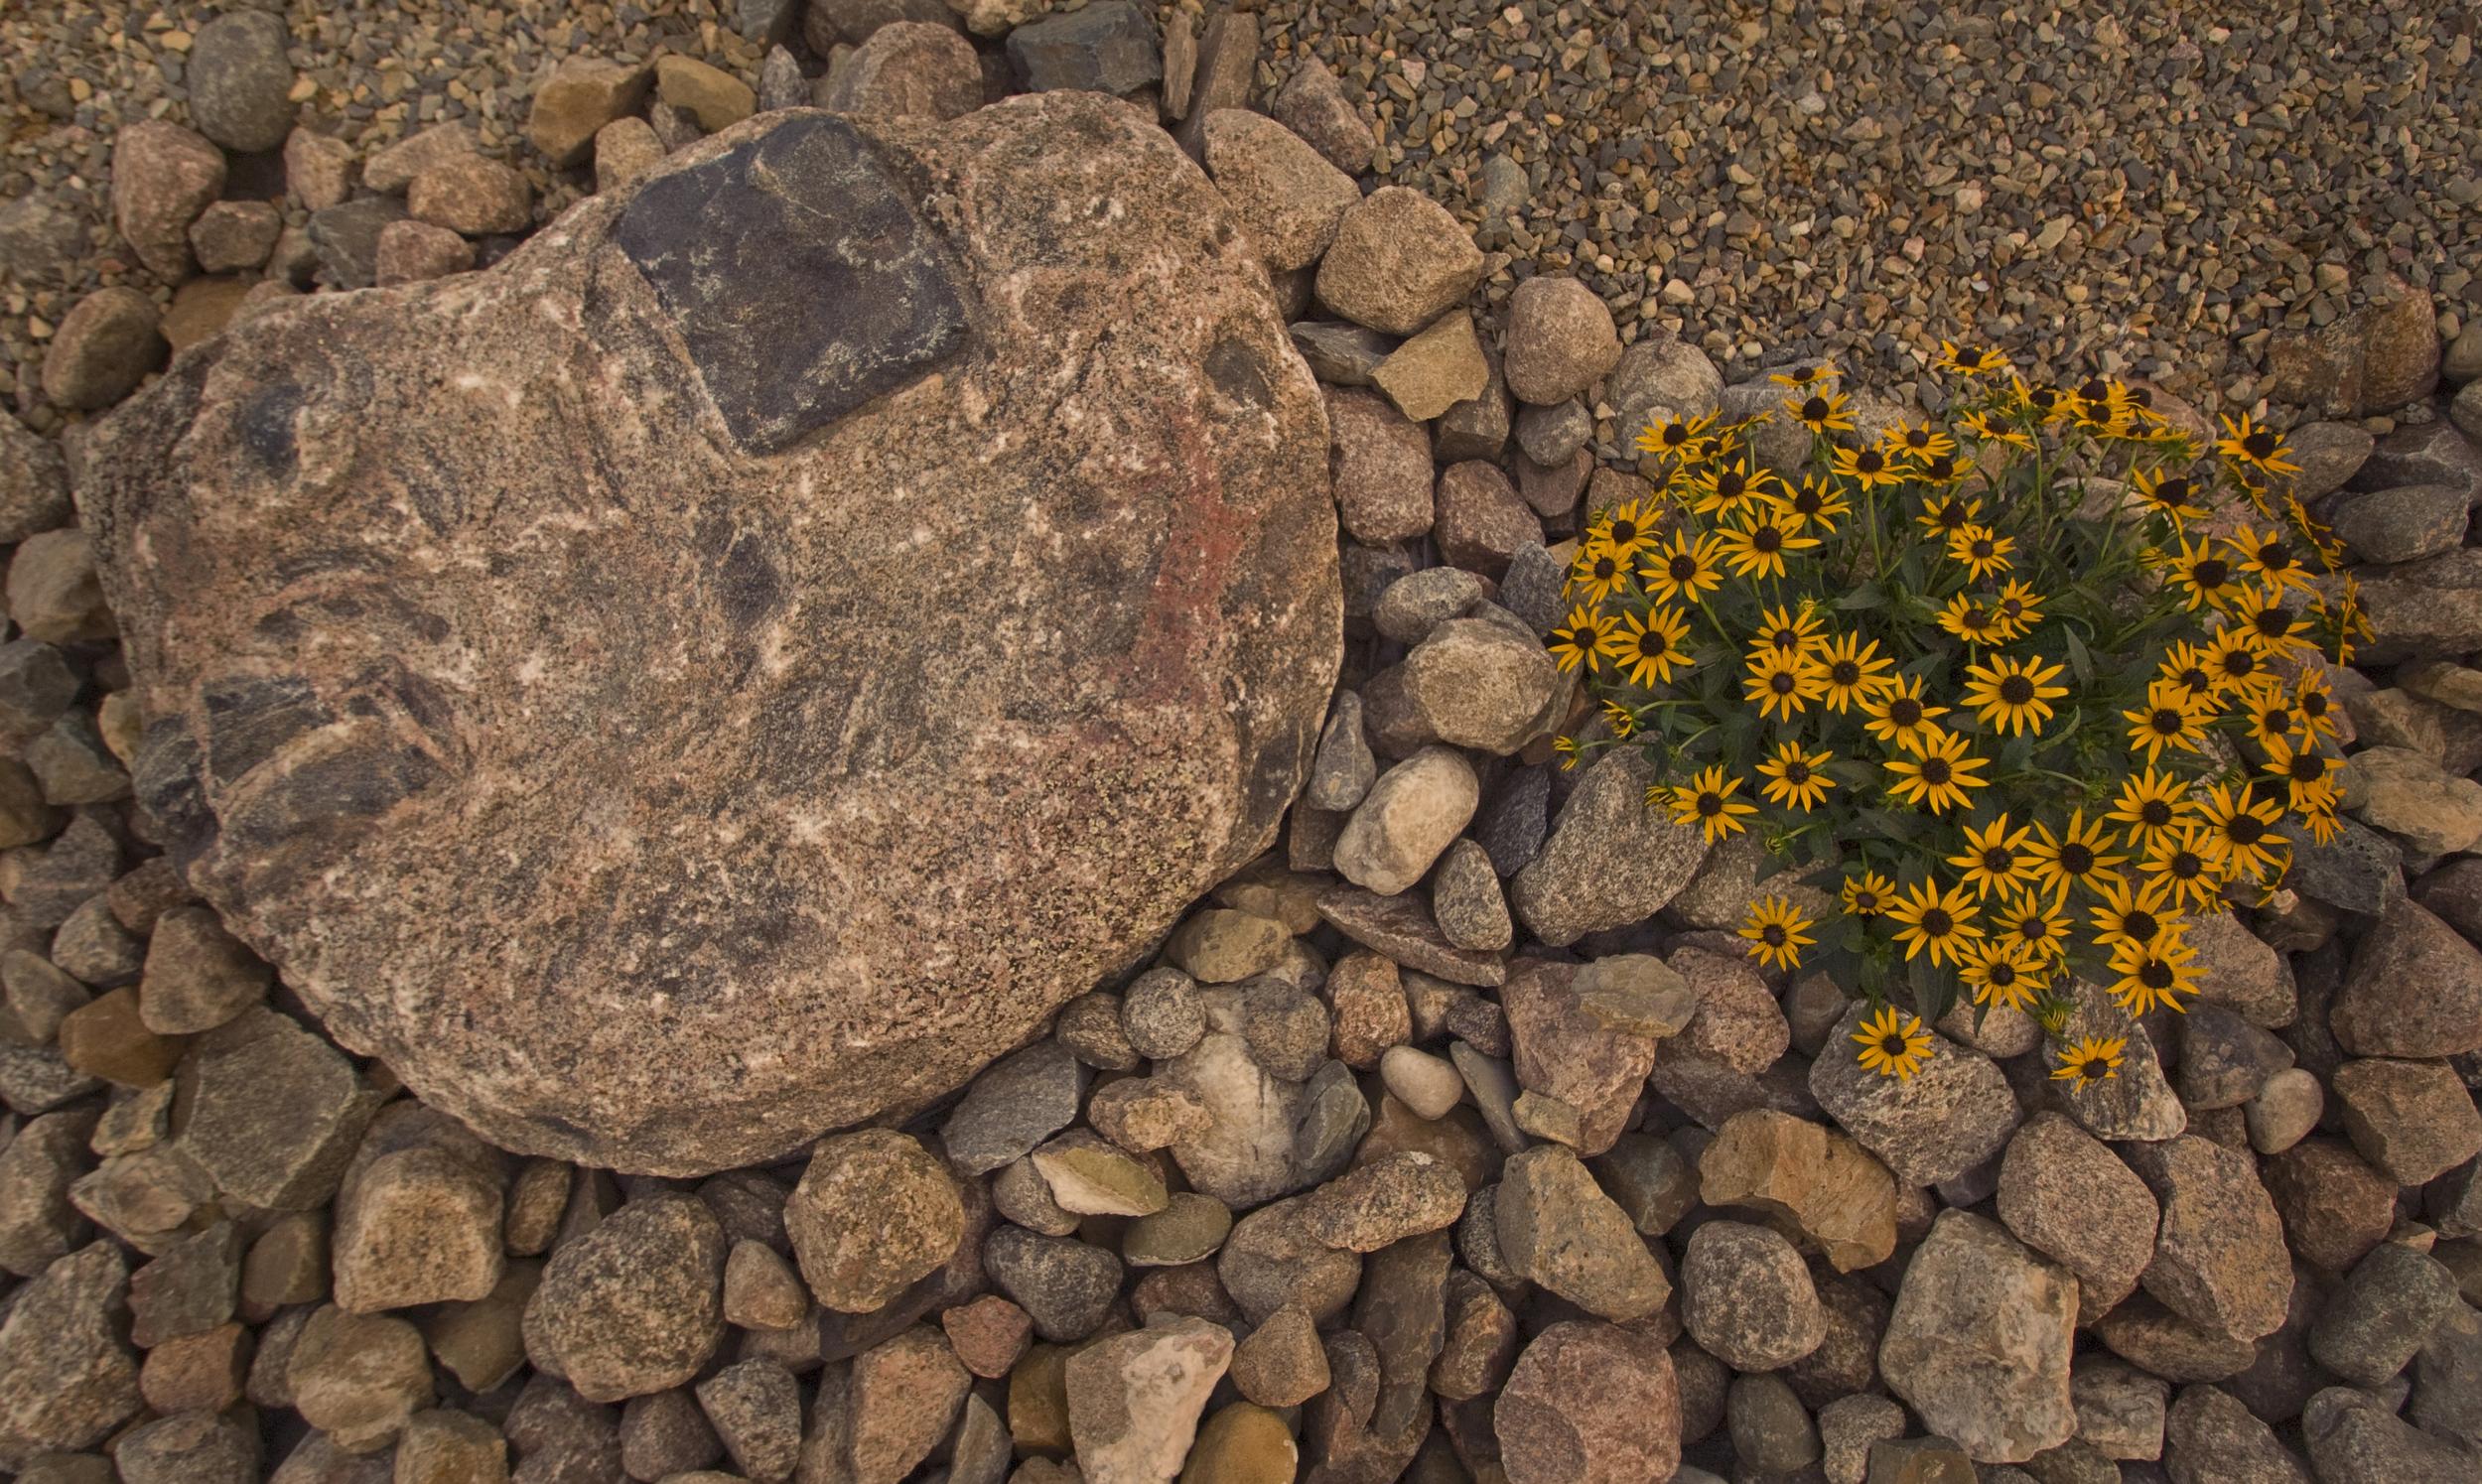 _ALE0155 perennial up close.jpg